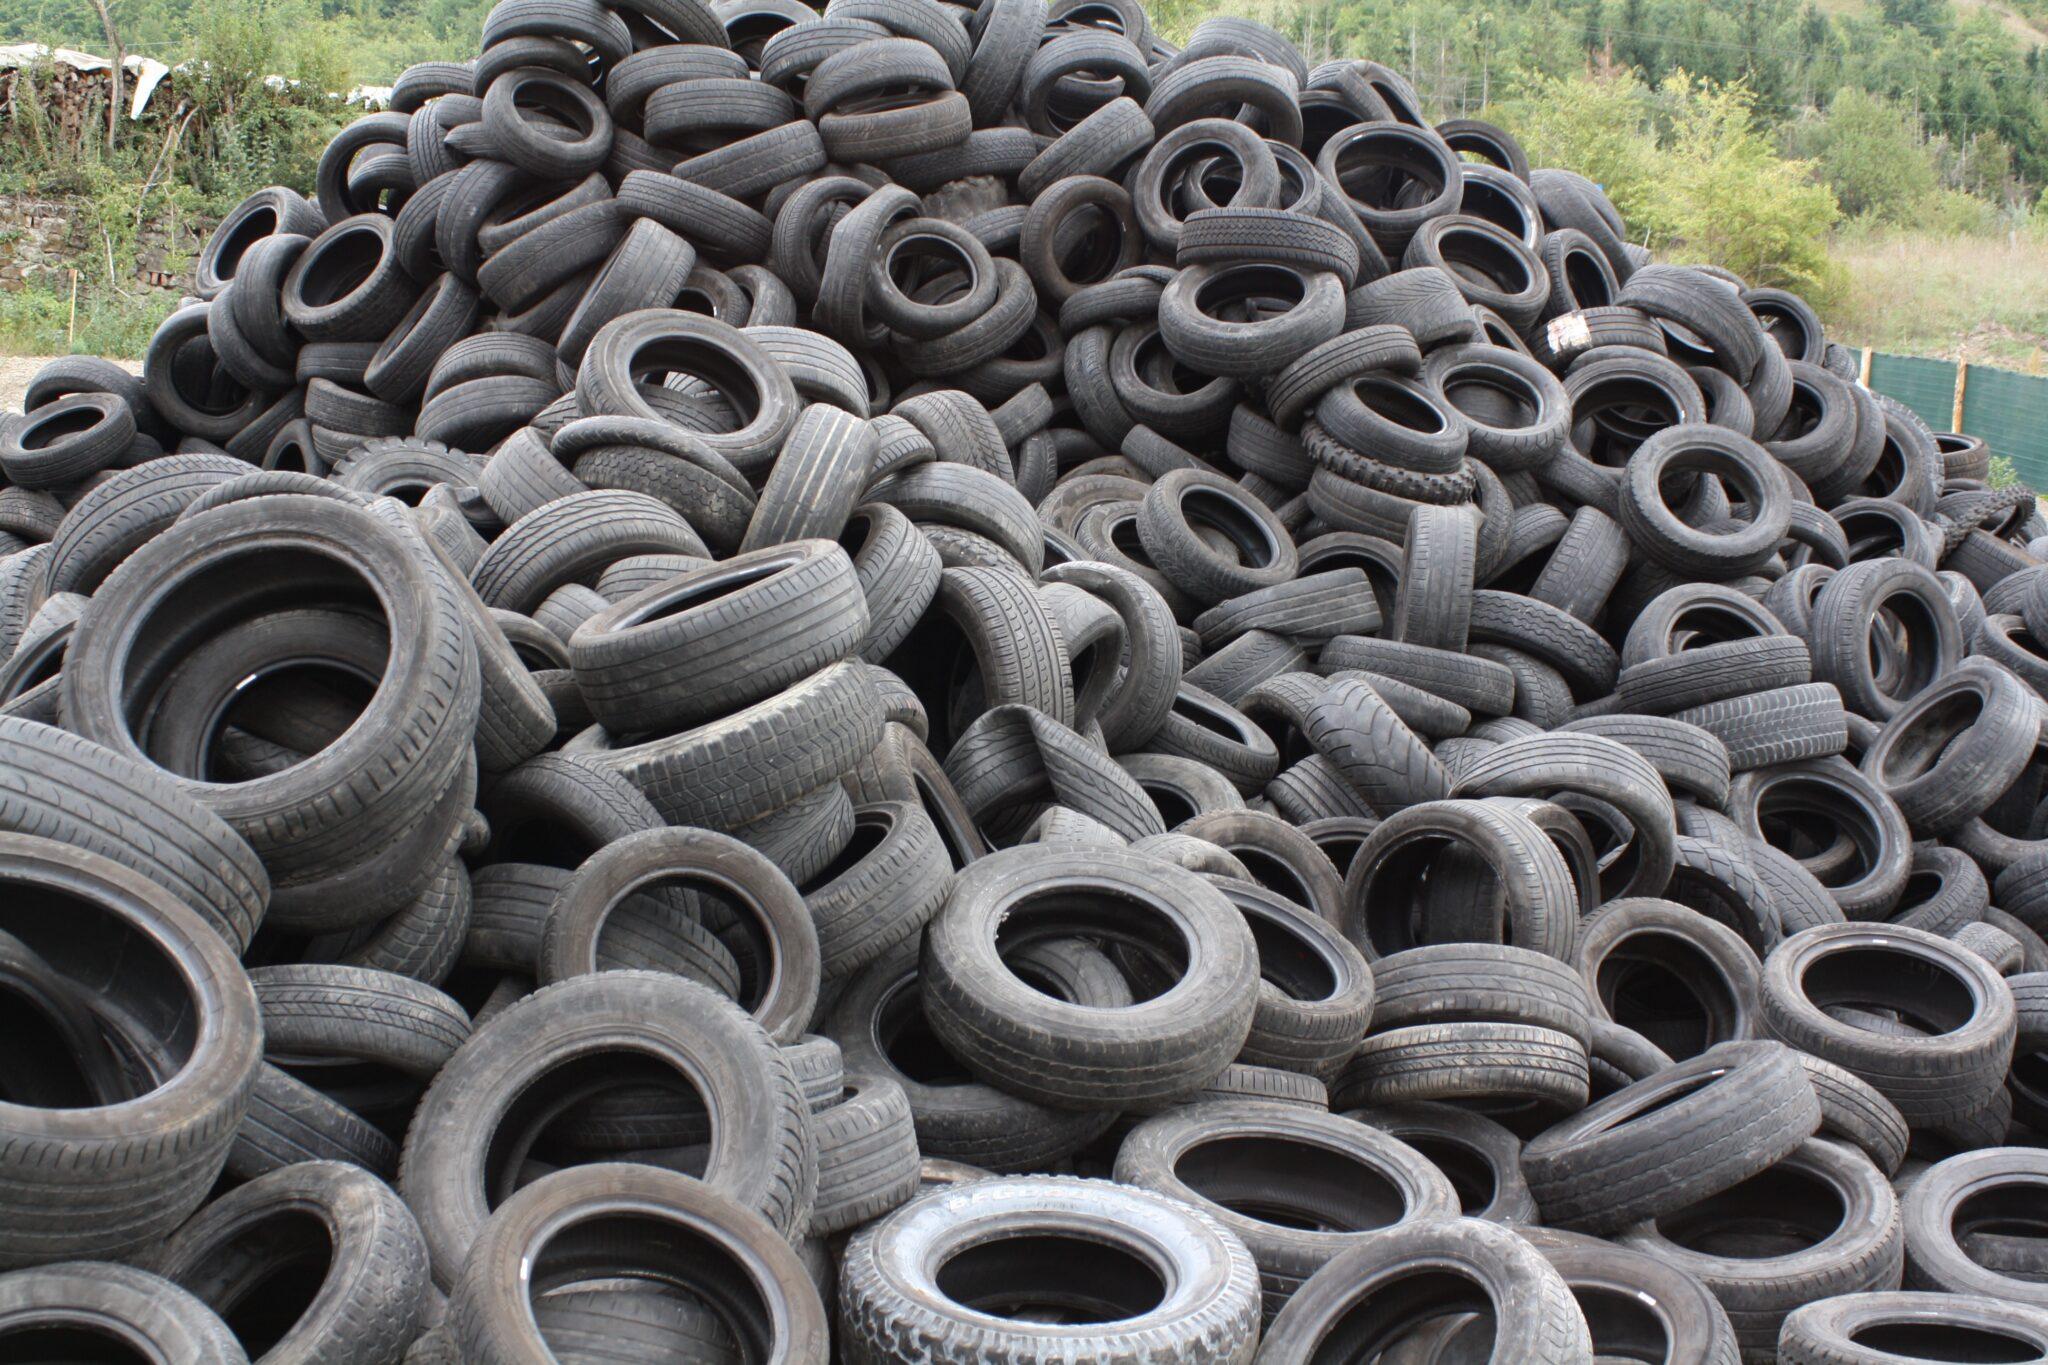 Bordeaux : il a crevé 6 000 pneus en 6 ans (jusqu'à 32 par nuit), occasionne 350 000€ de dégâts et prend 1 an ferme